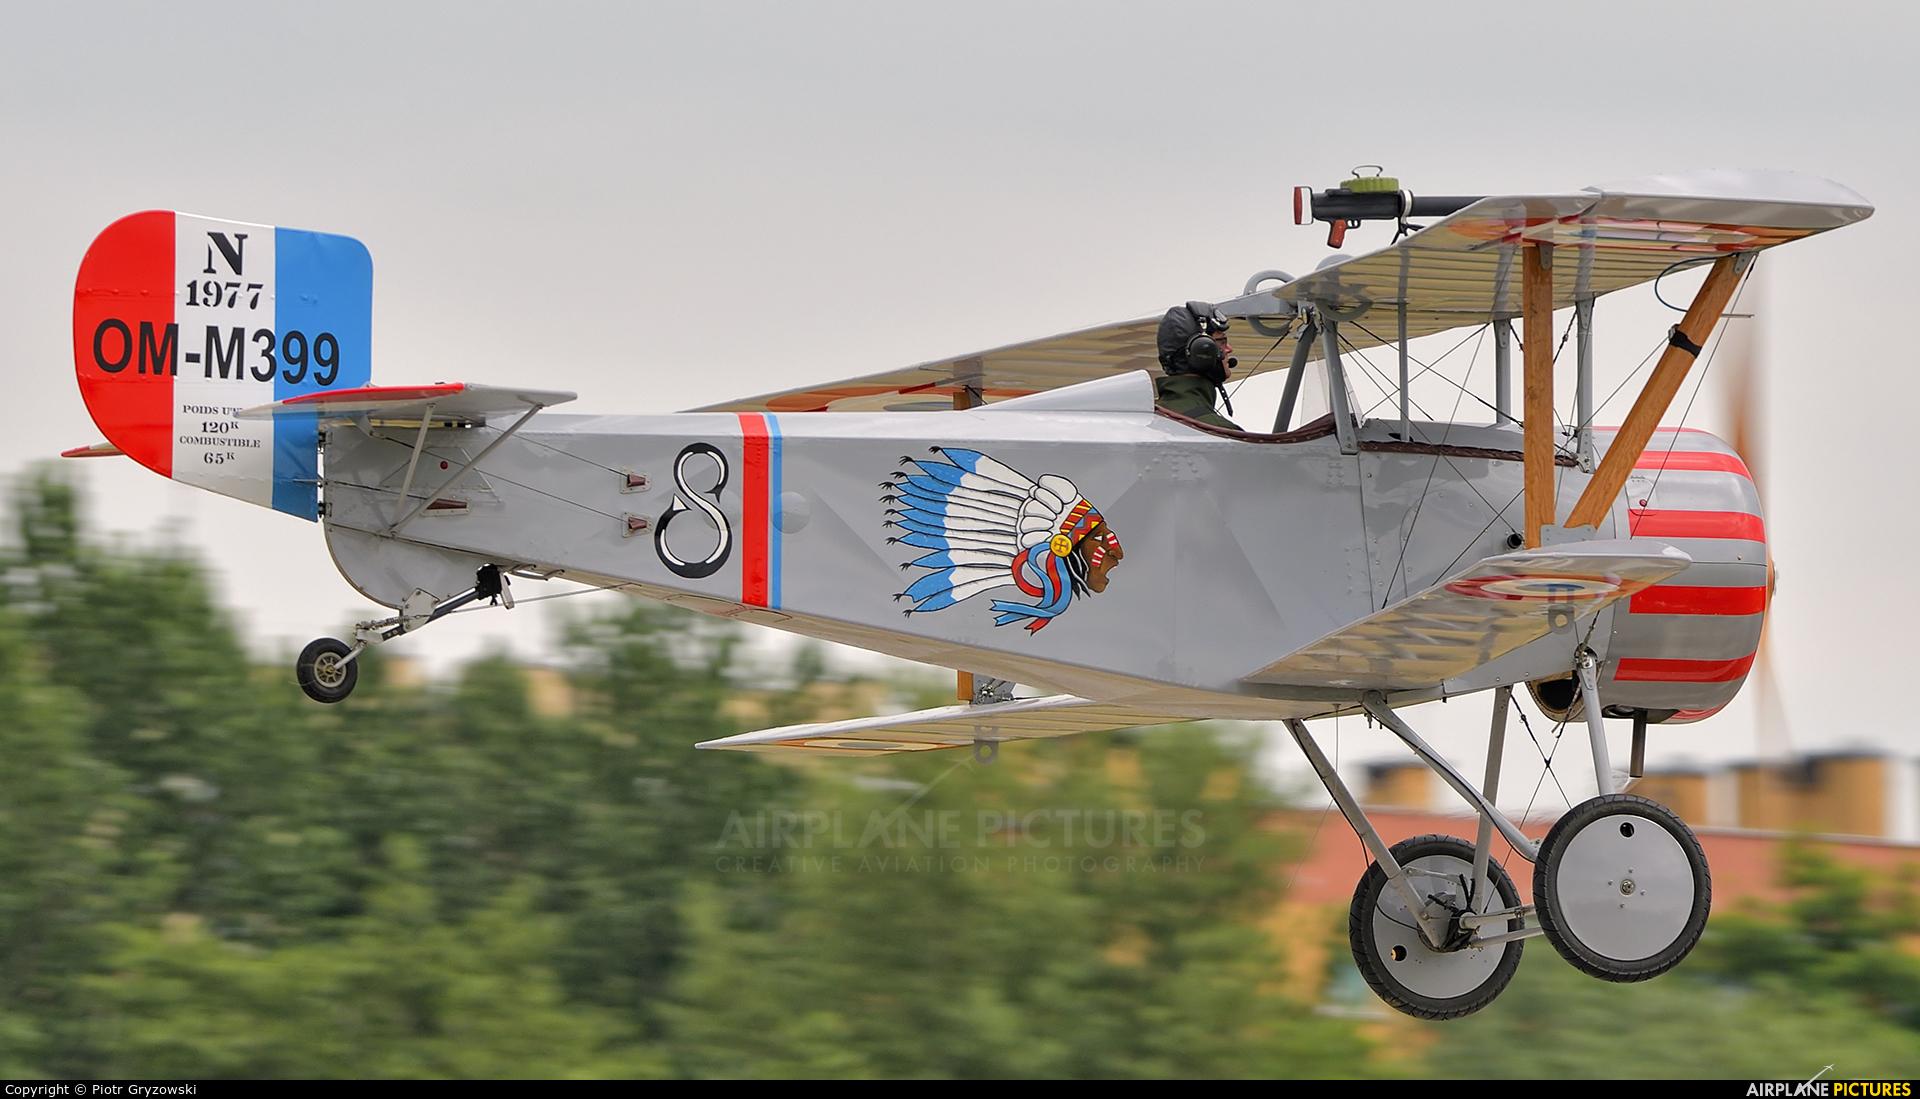 Private OM-M399 aircraft at Kraków, Rakowice Czyżyny - Museum of Polish Aviation